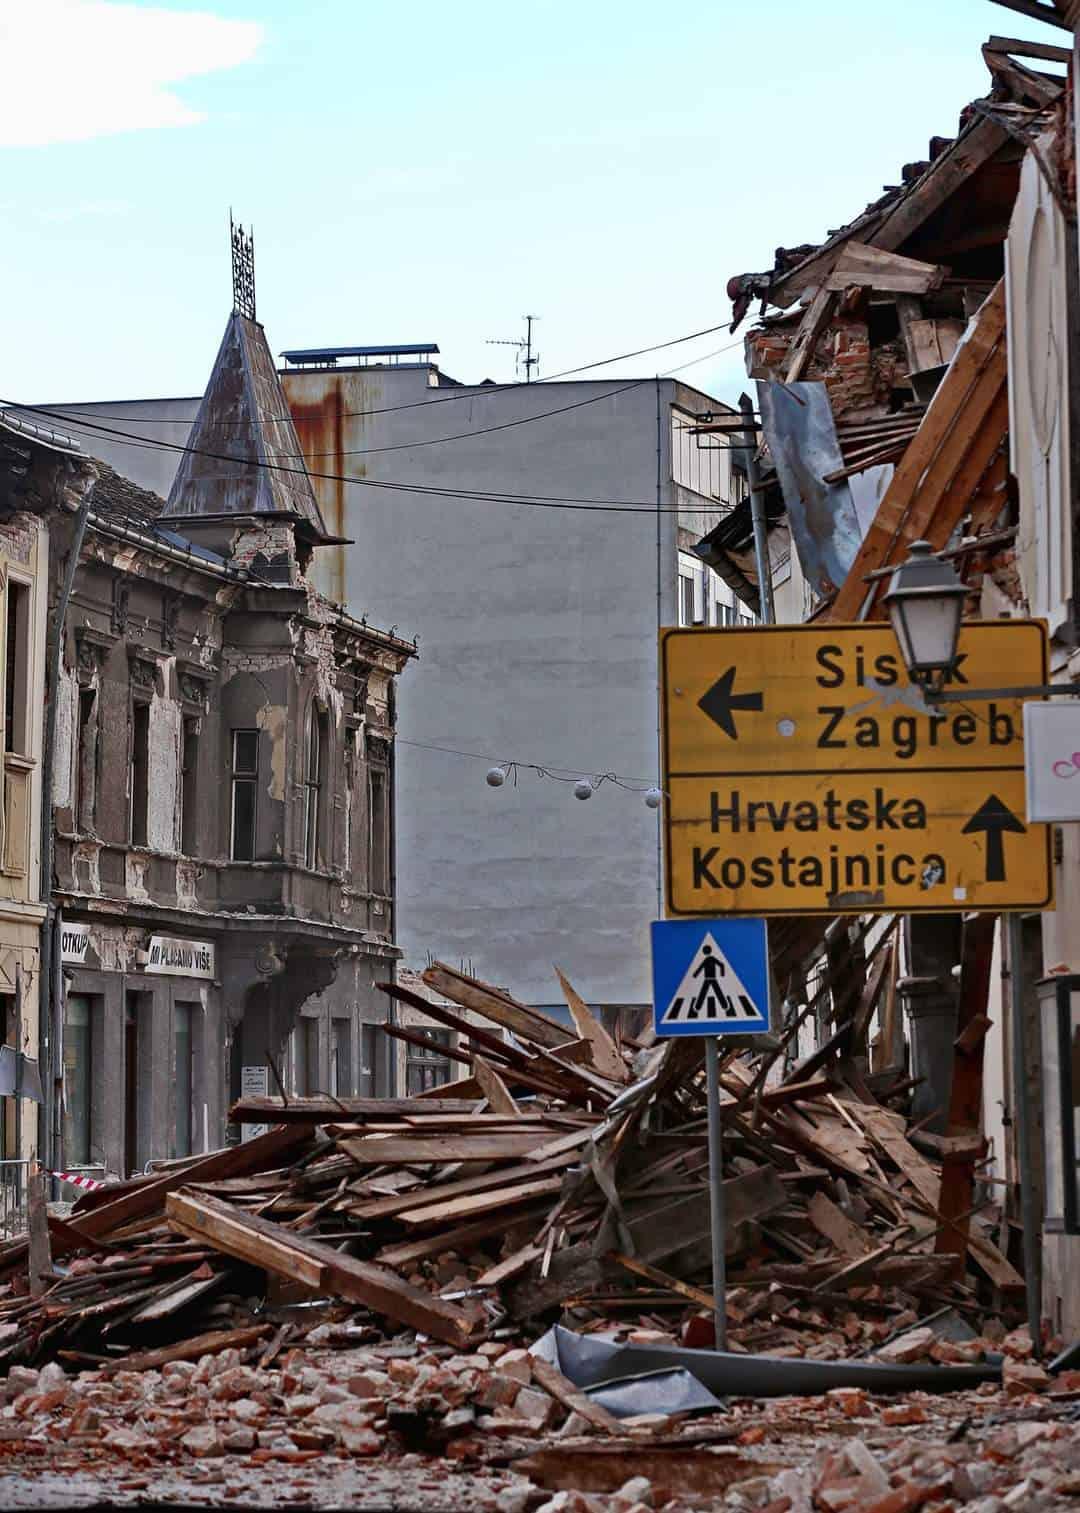 Katasztrofális képek érkeztek Horvátországból! 5